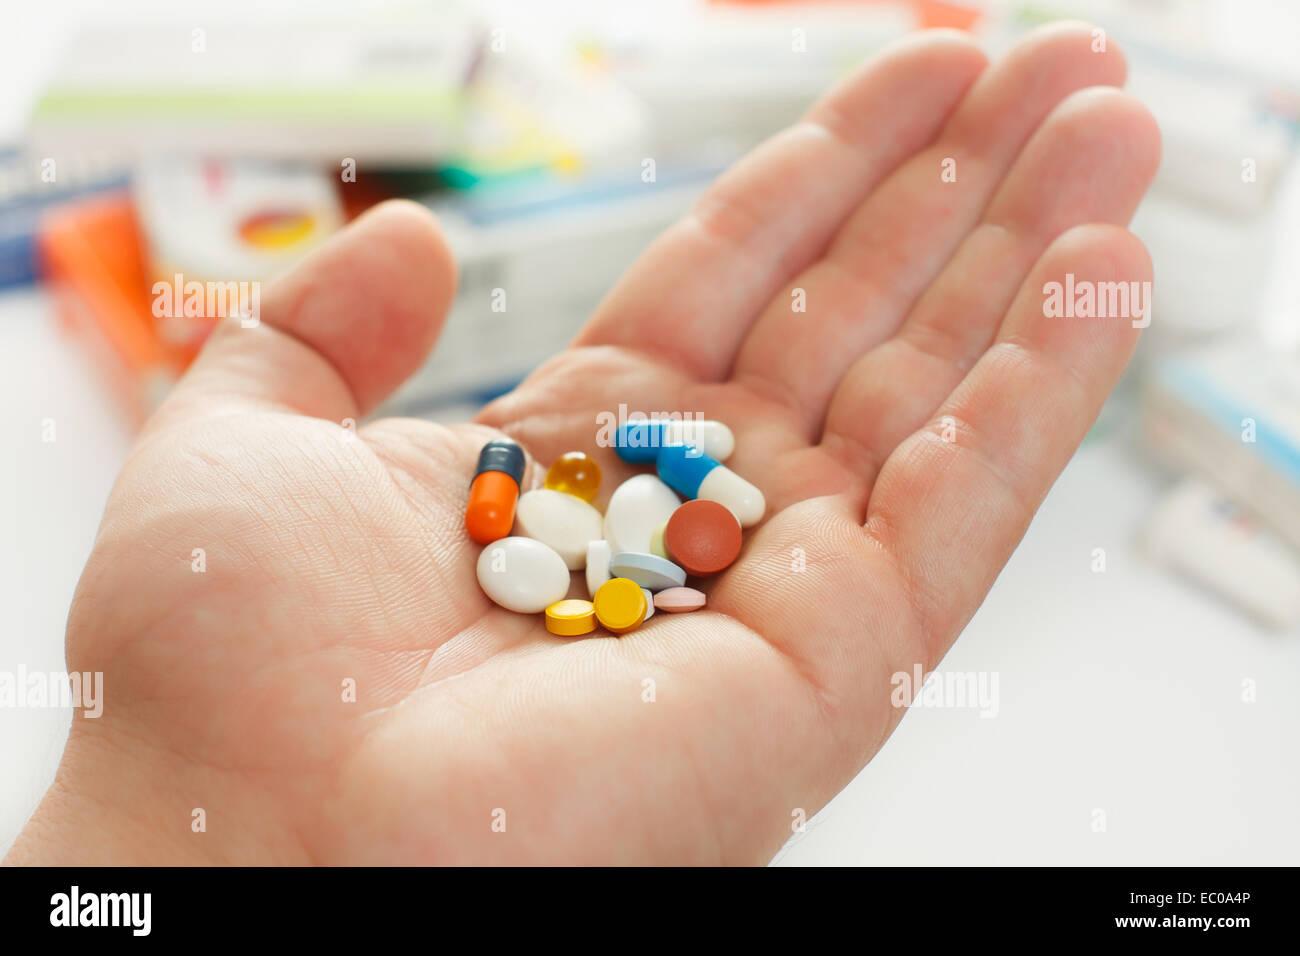 Hand des Mannes halten viele Arzneimittel, Boxen von Arzneimitteln im Hintergrund Stockbild